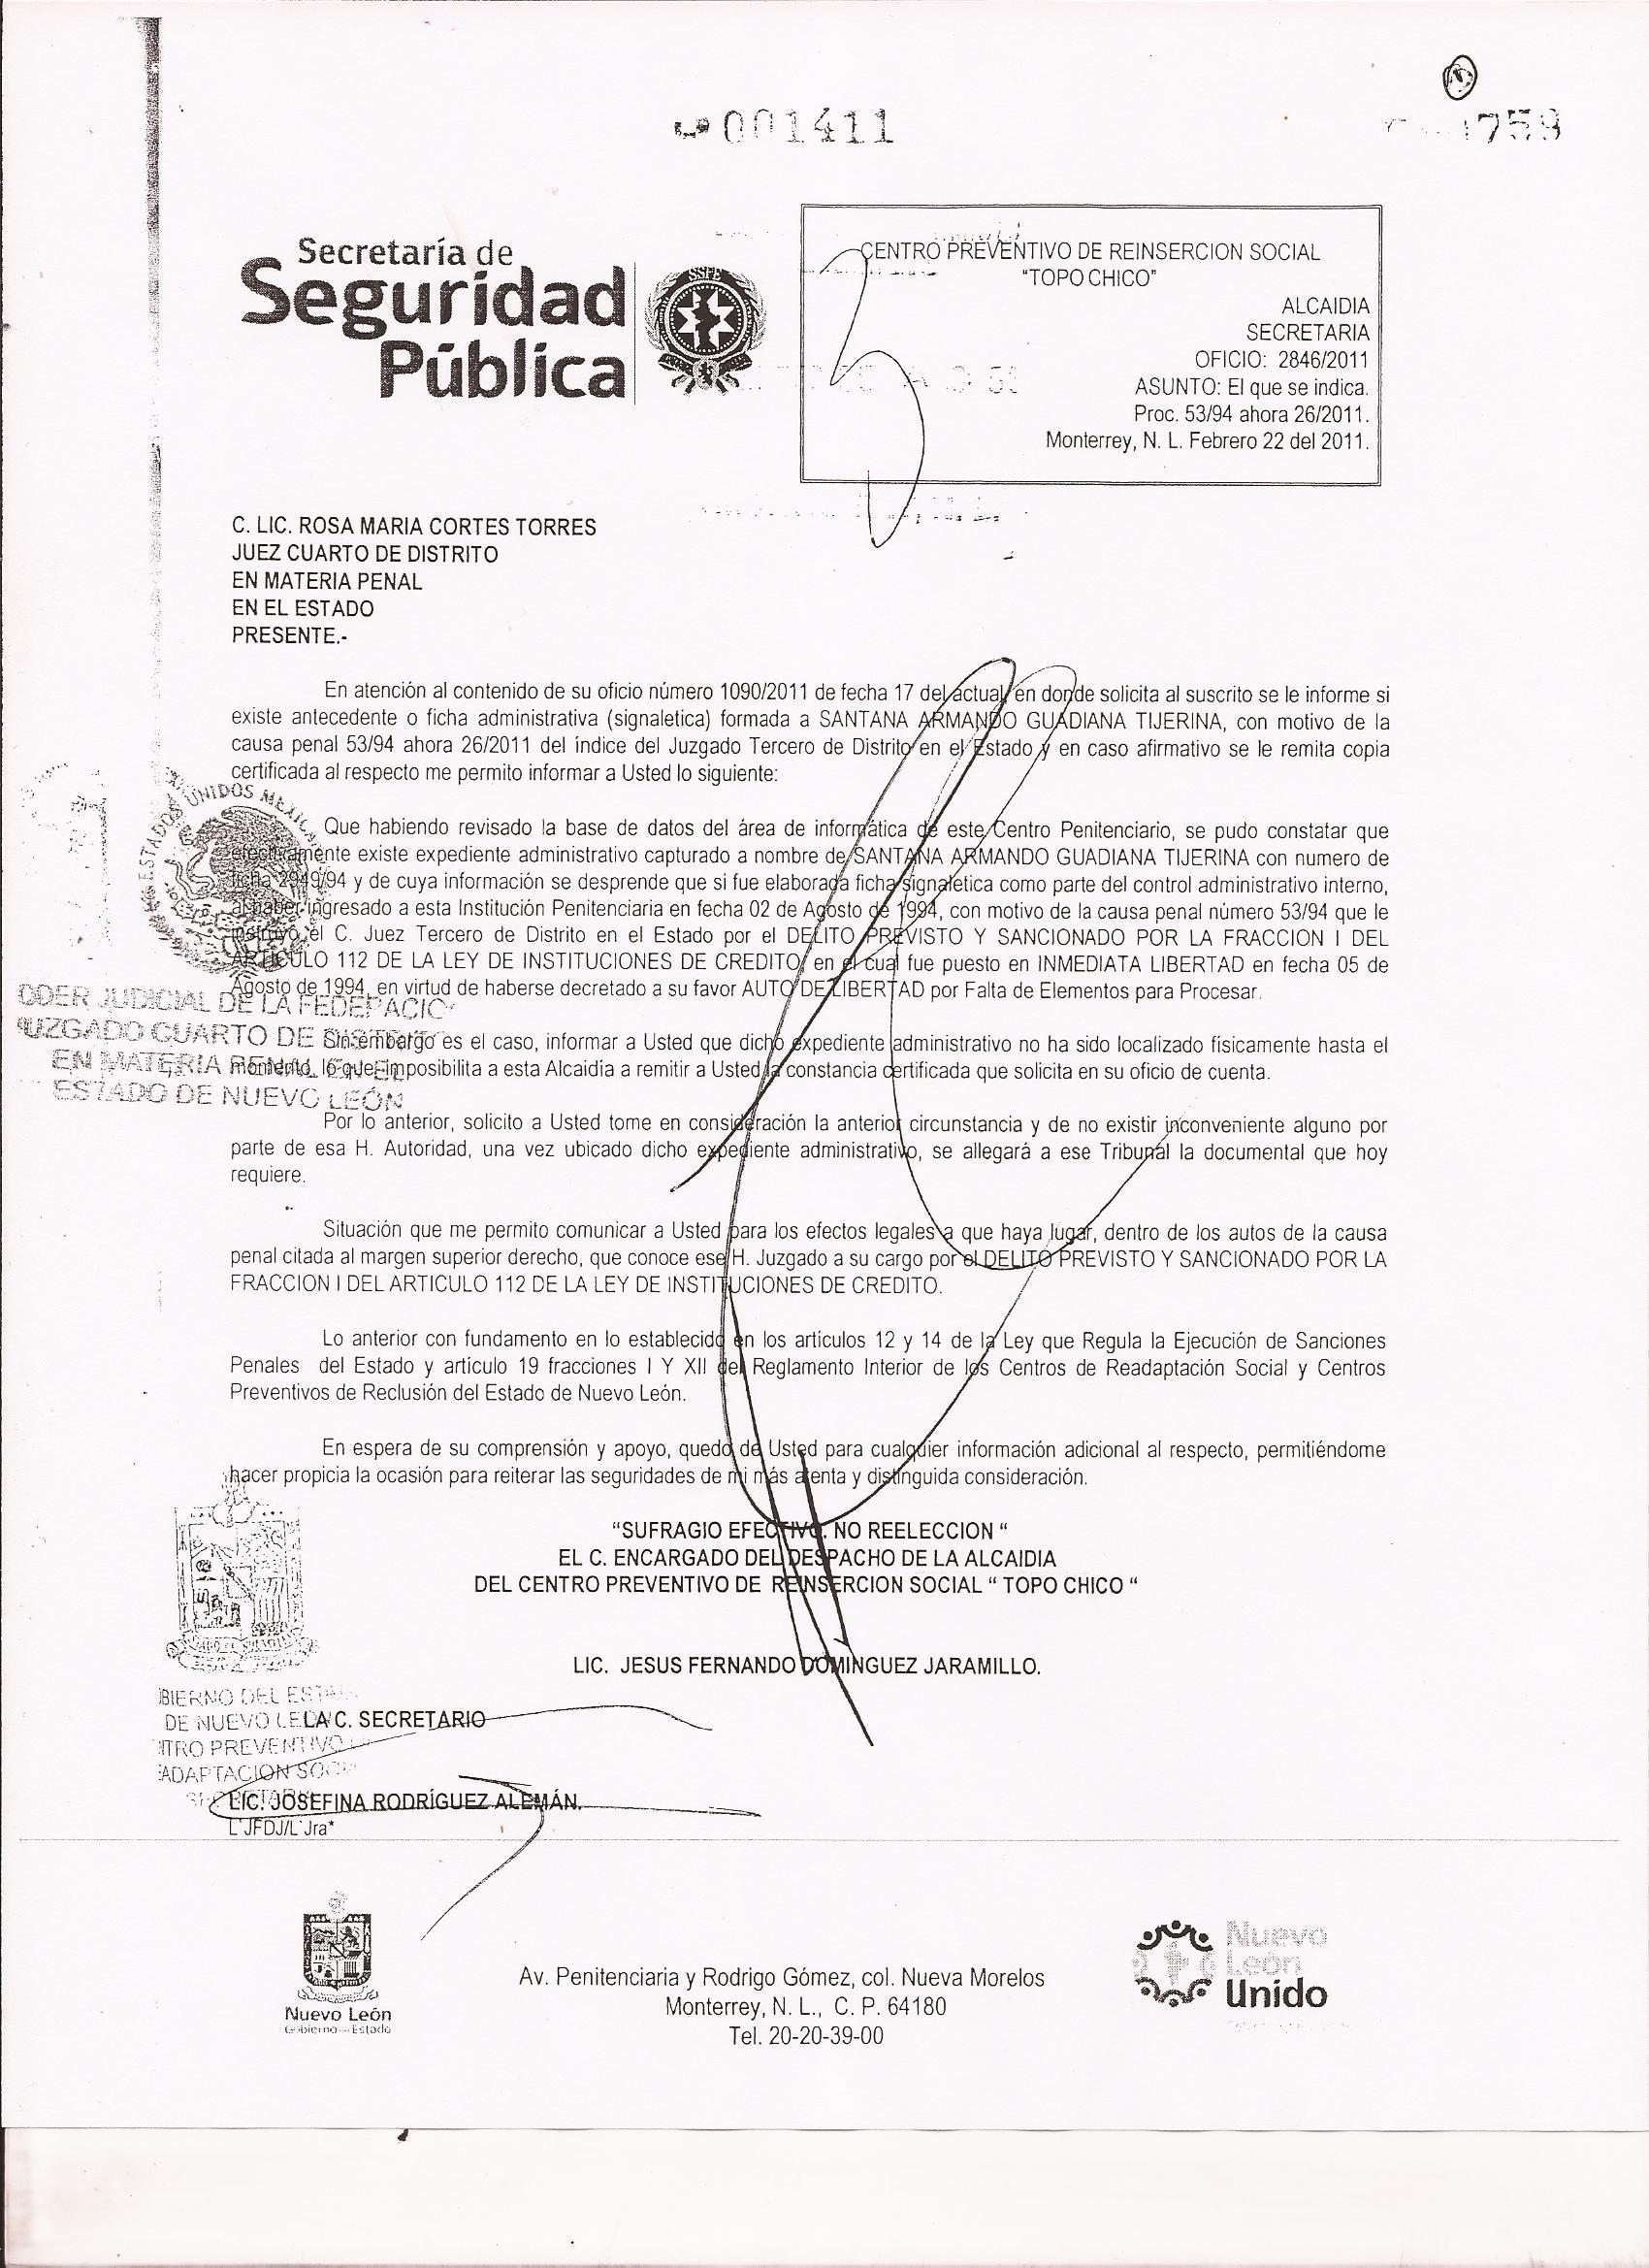 Guadiana denuncia a HMV por presunto espionaje telefónico